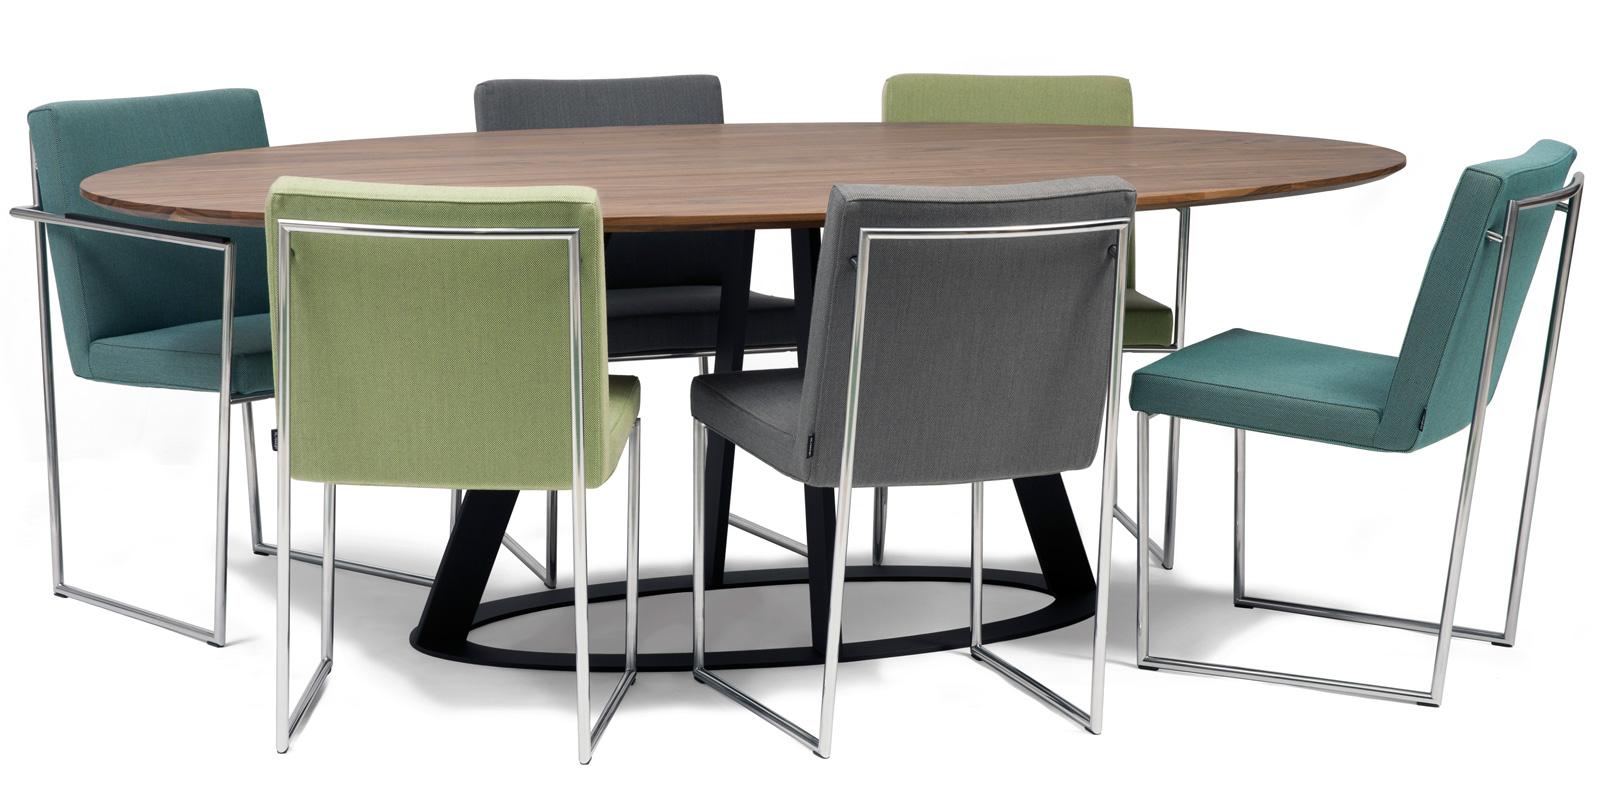 Fier ovaal harvink tafels for Design tafel ovaal